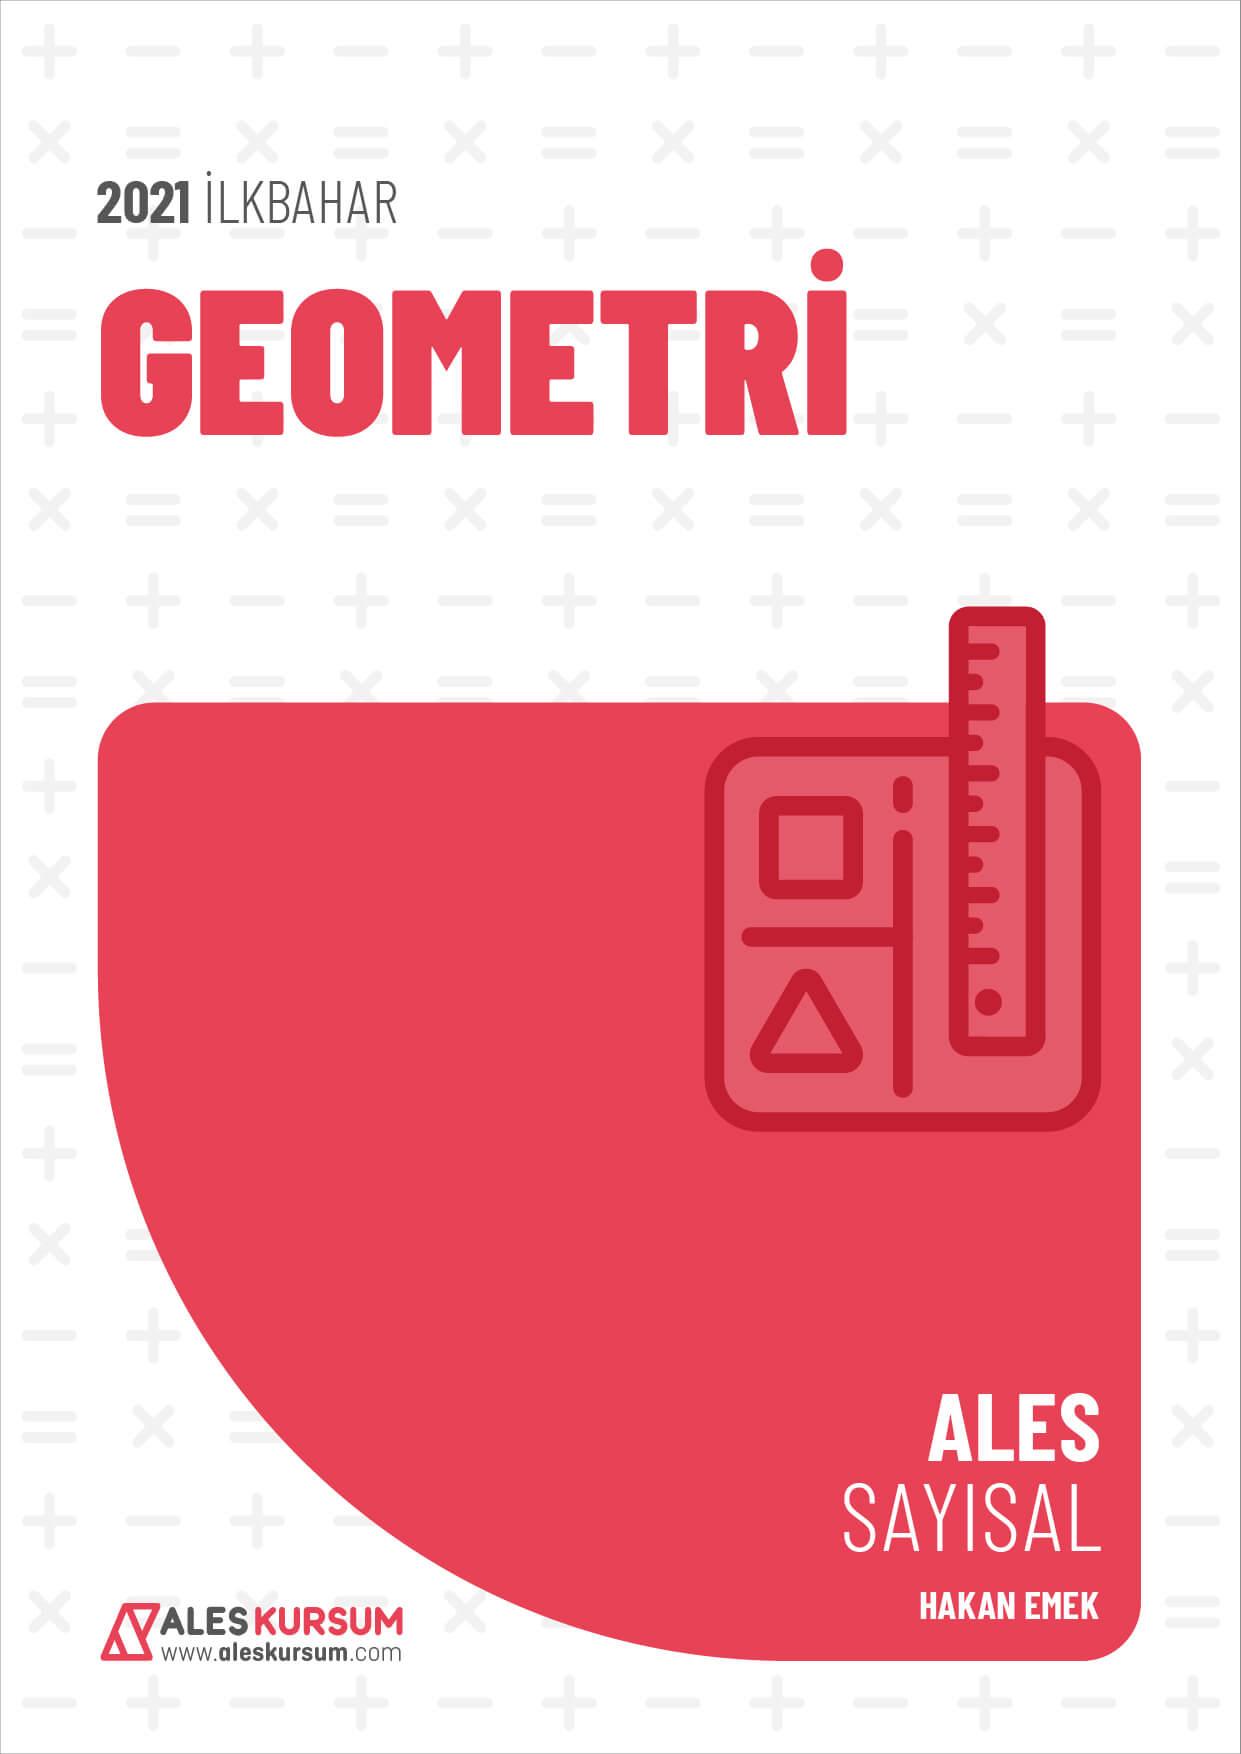 2021 İlkbahar ALES Geometri Ders Notu Hakan Emek